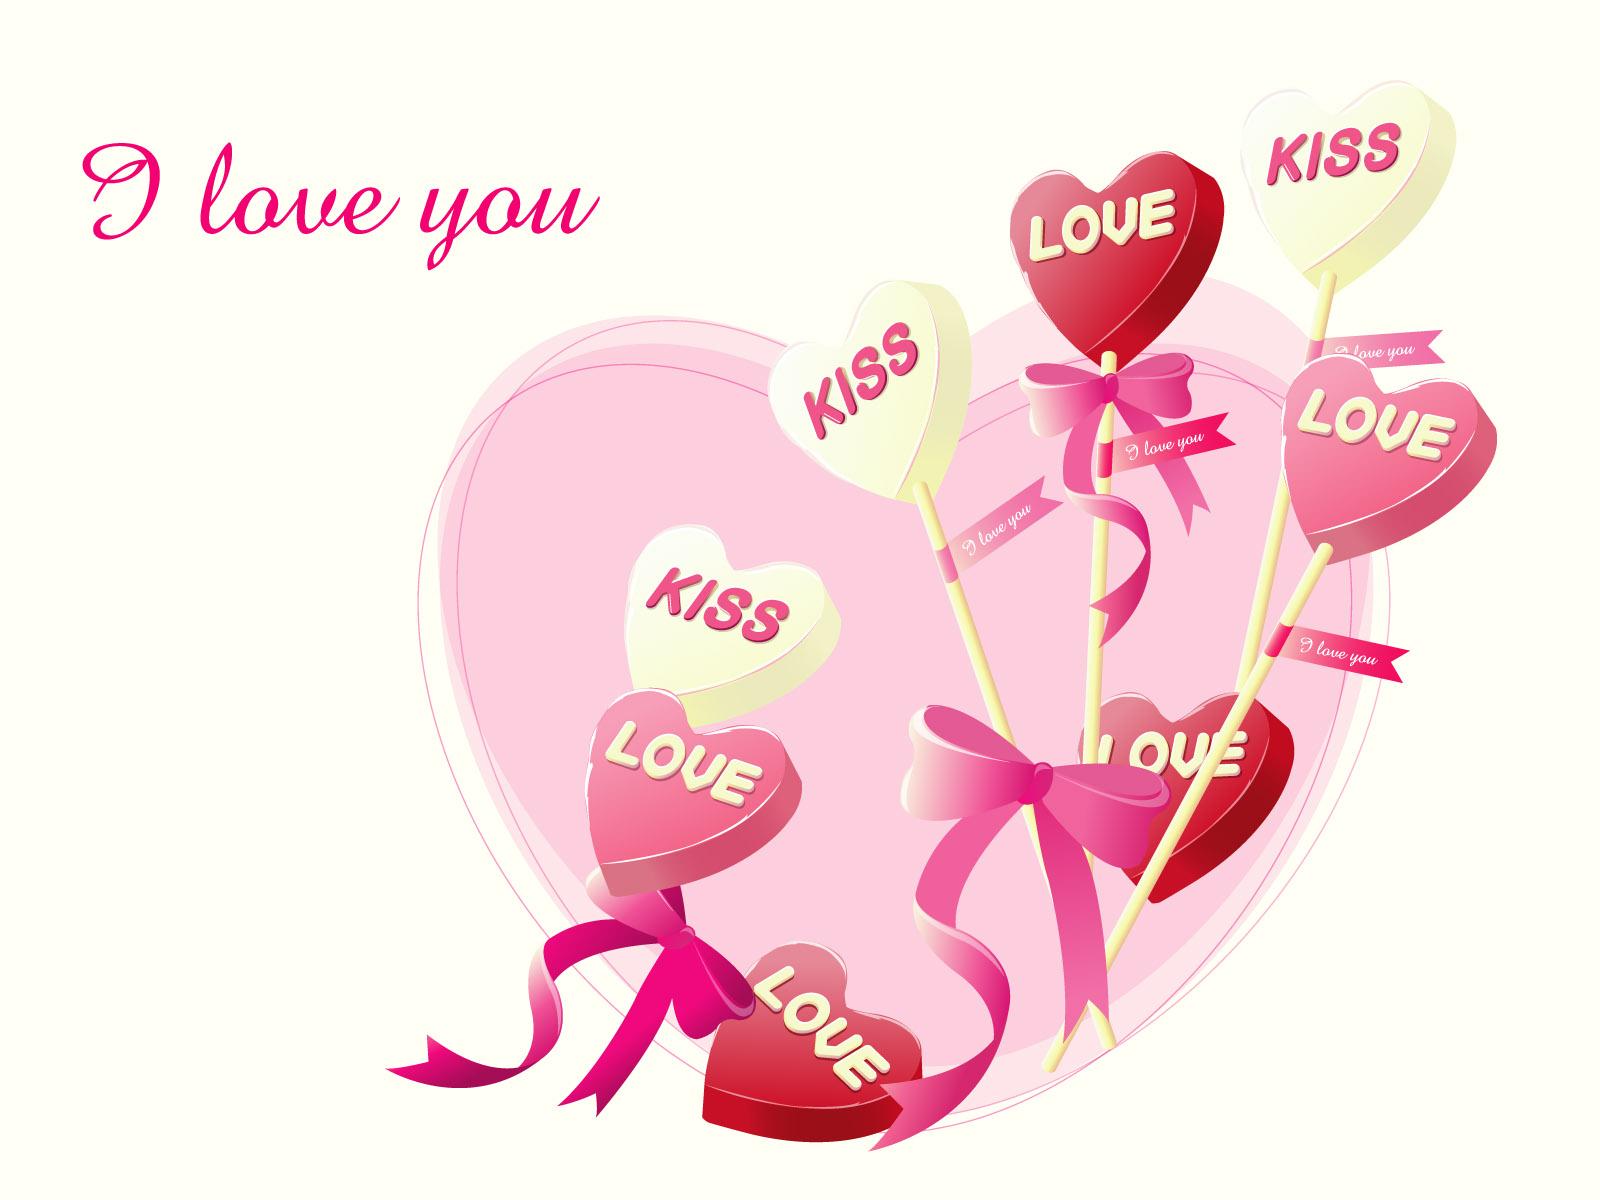 今天是情人节,祝愿论坛里所有有情人幸